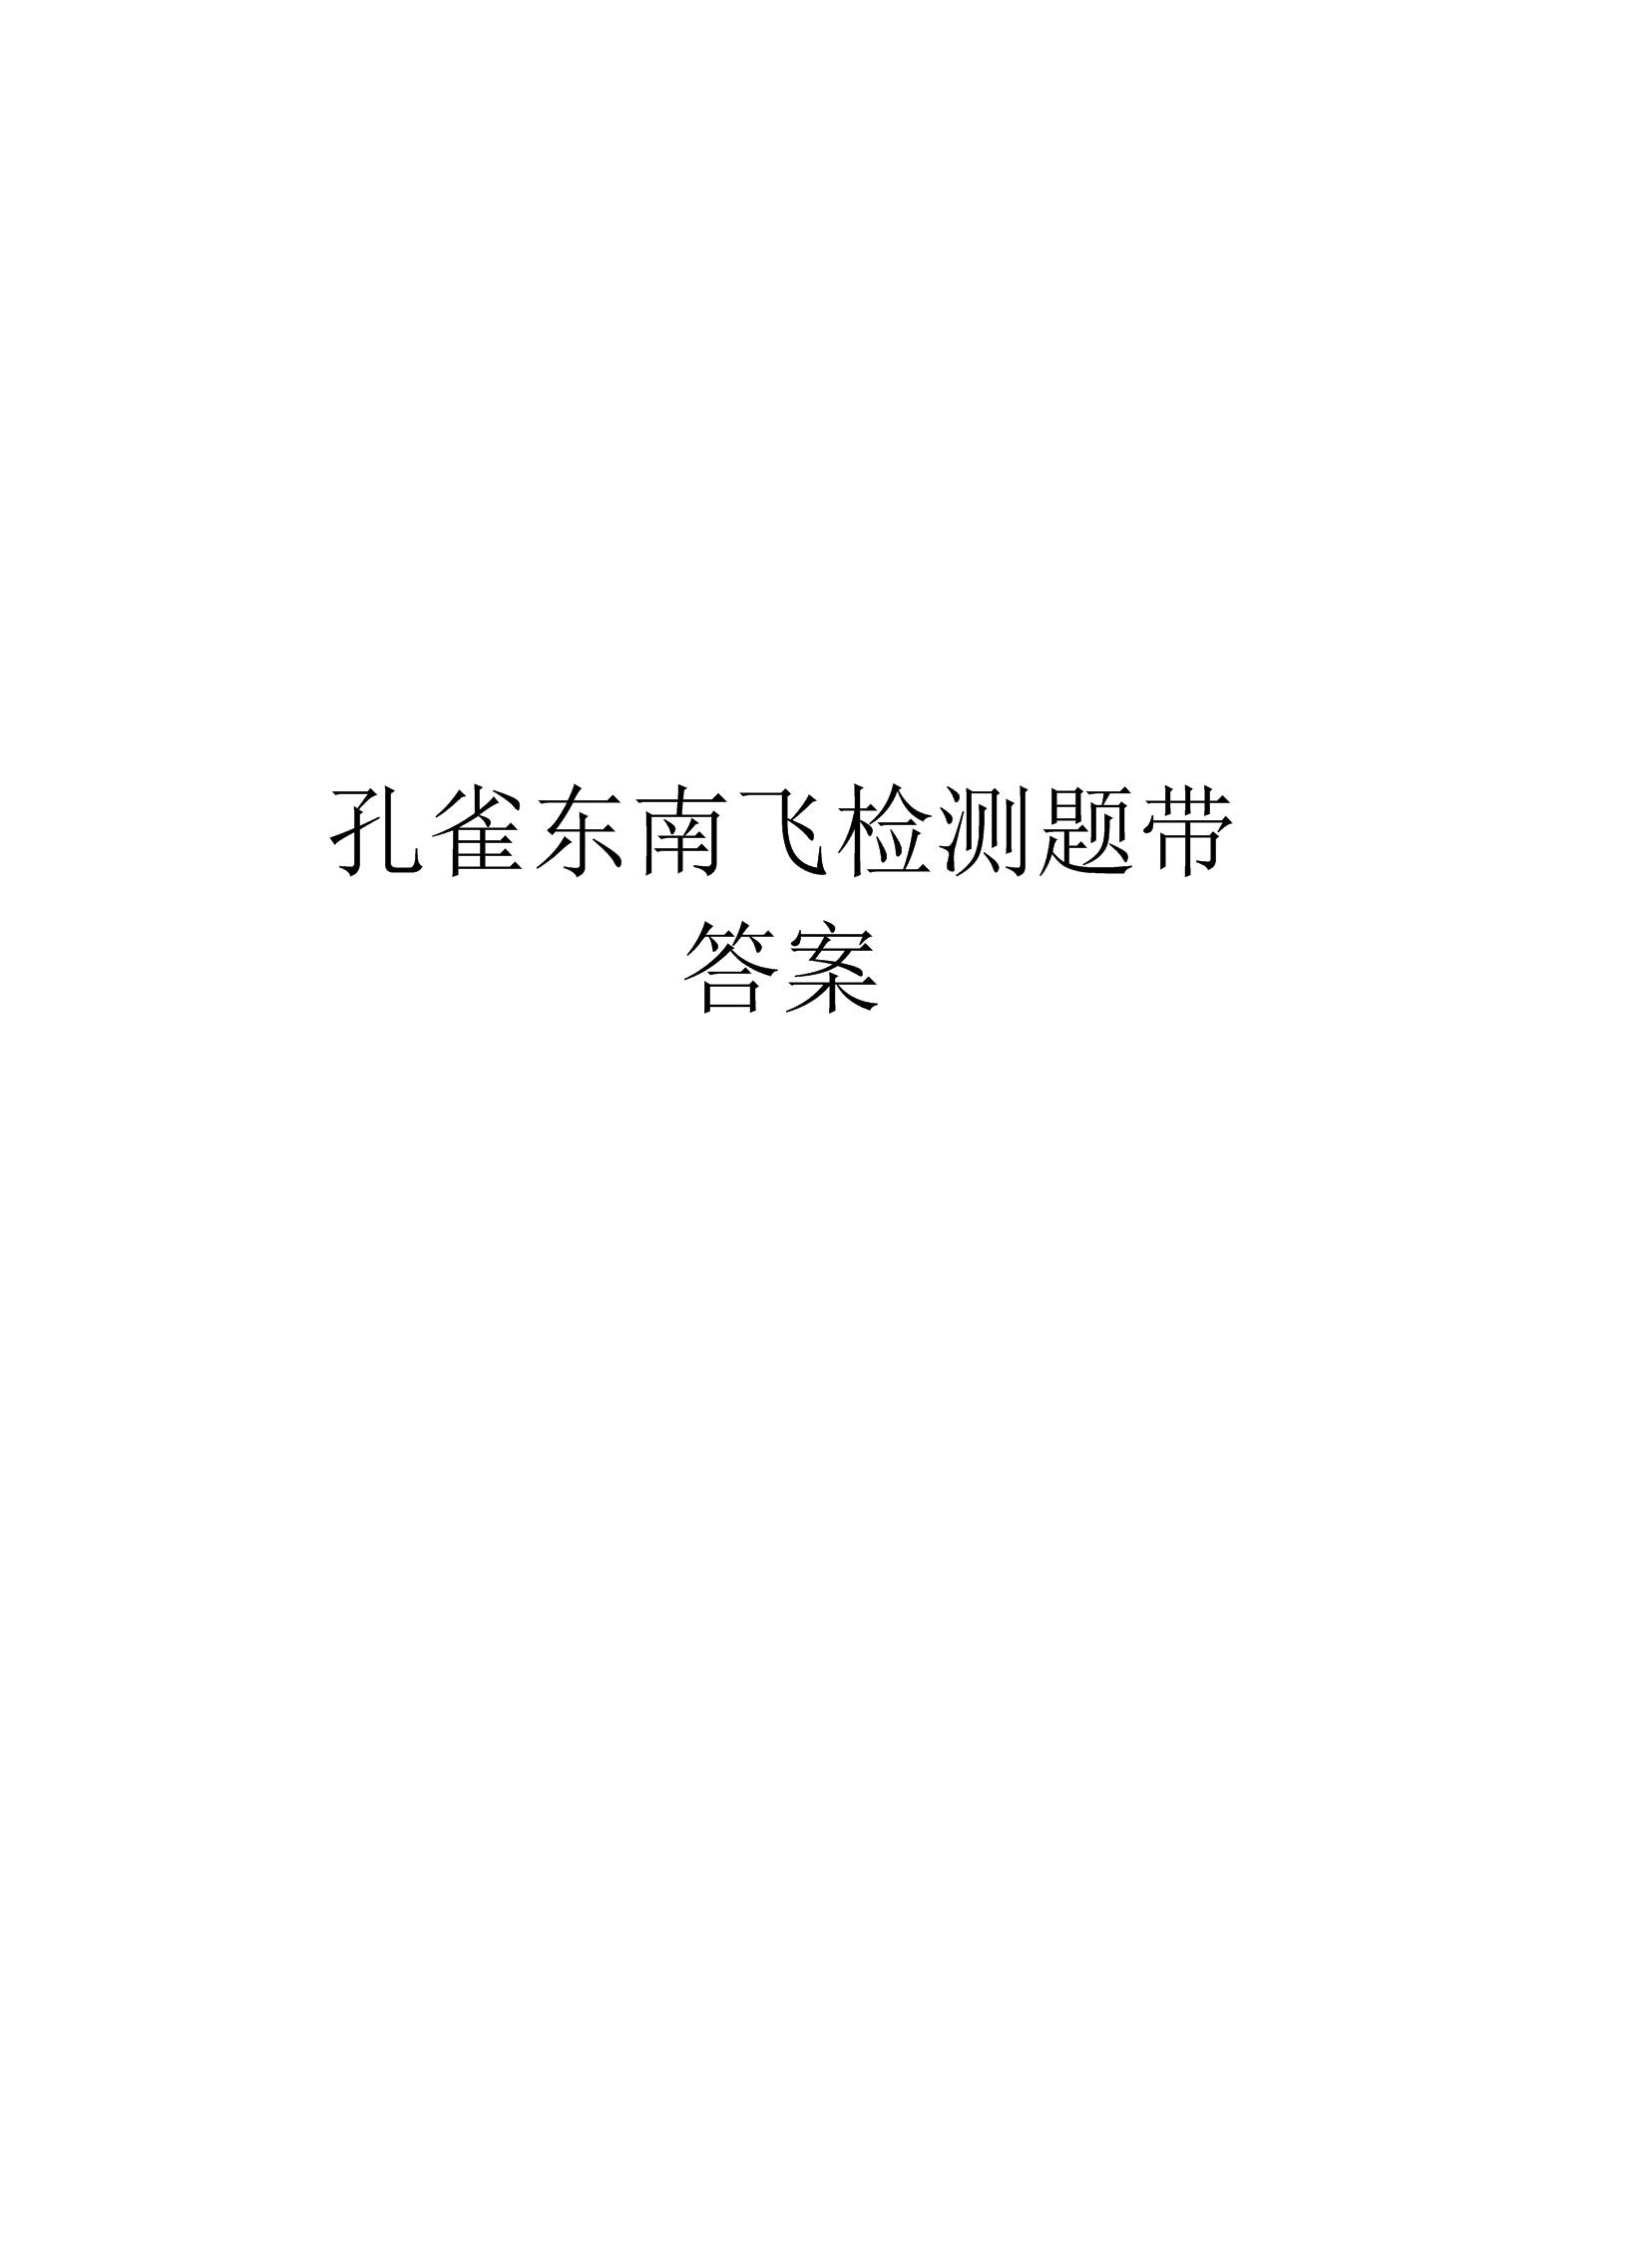 孔雀东南飞检测题带答案教学文稿.docx